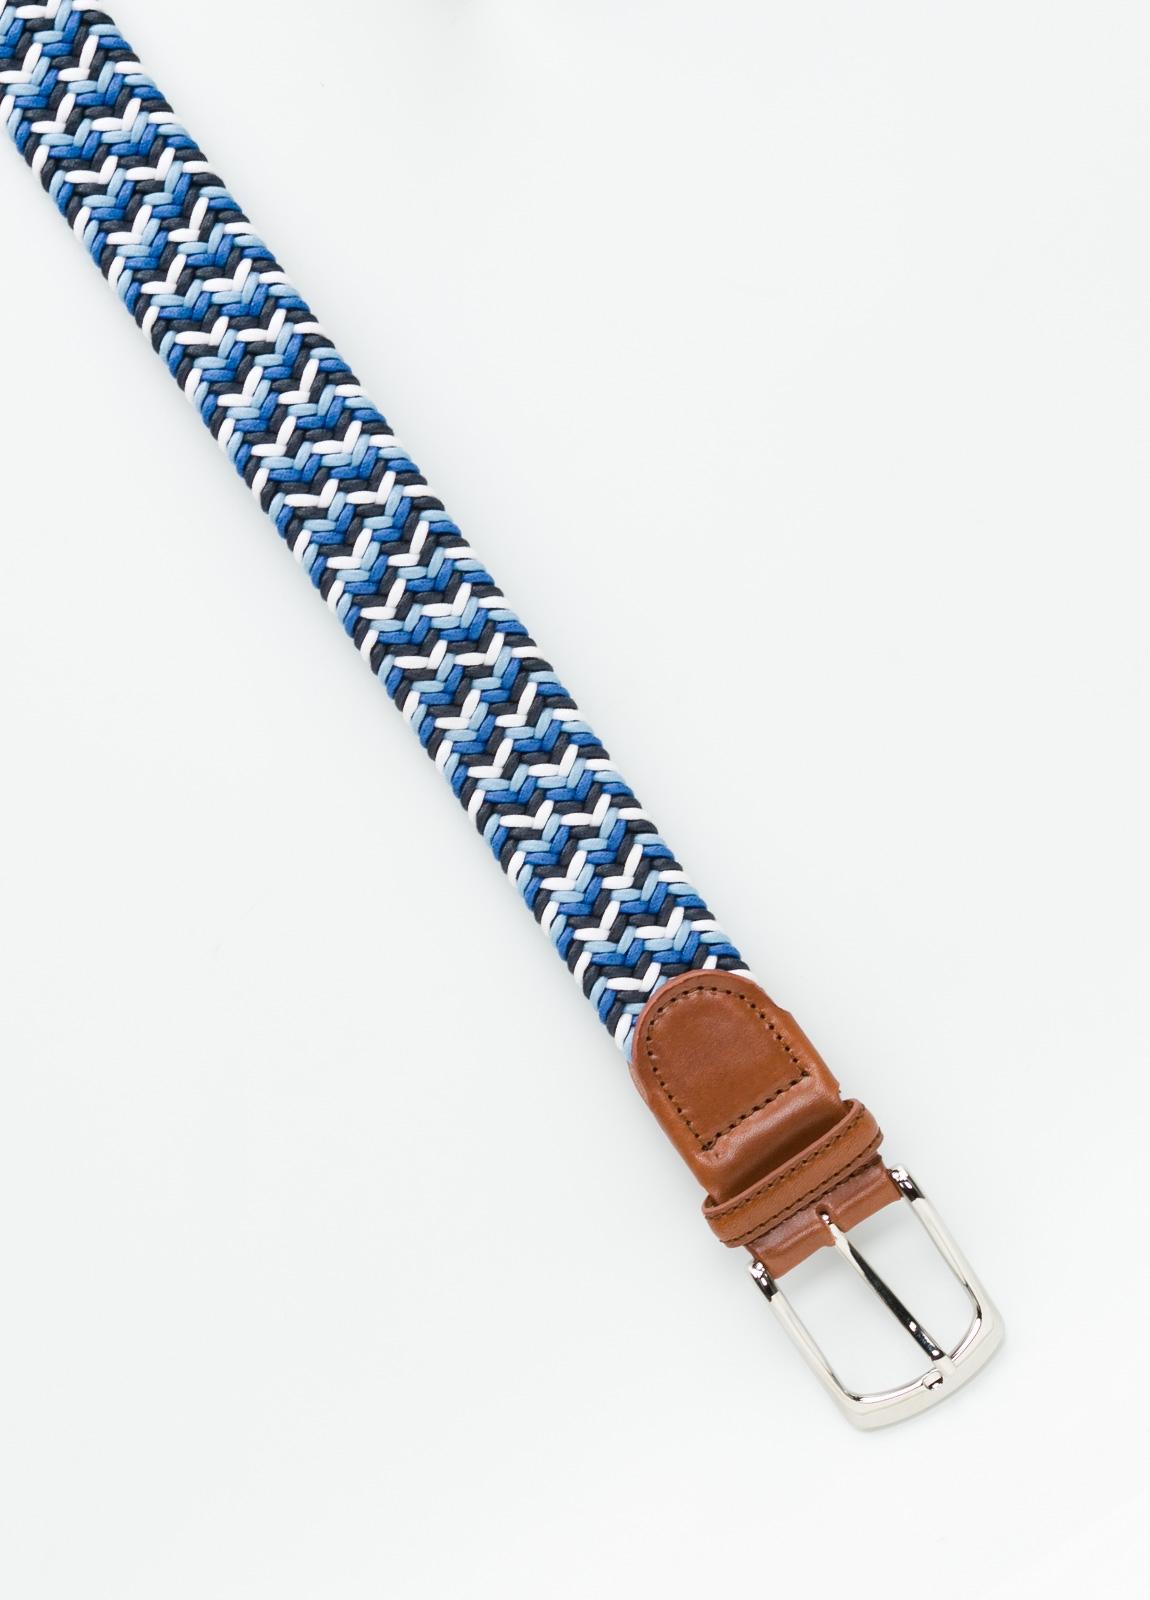 Cinturón Sport trenzado color azul. Algodón. - Ítem1